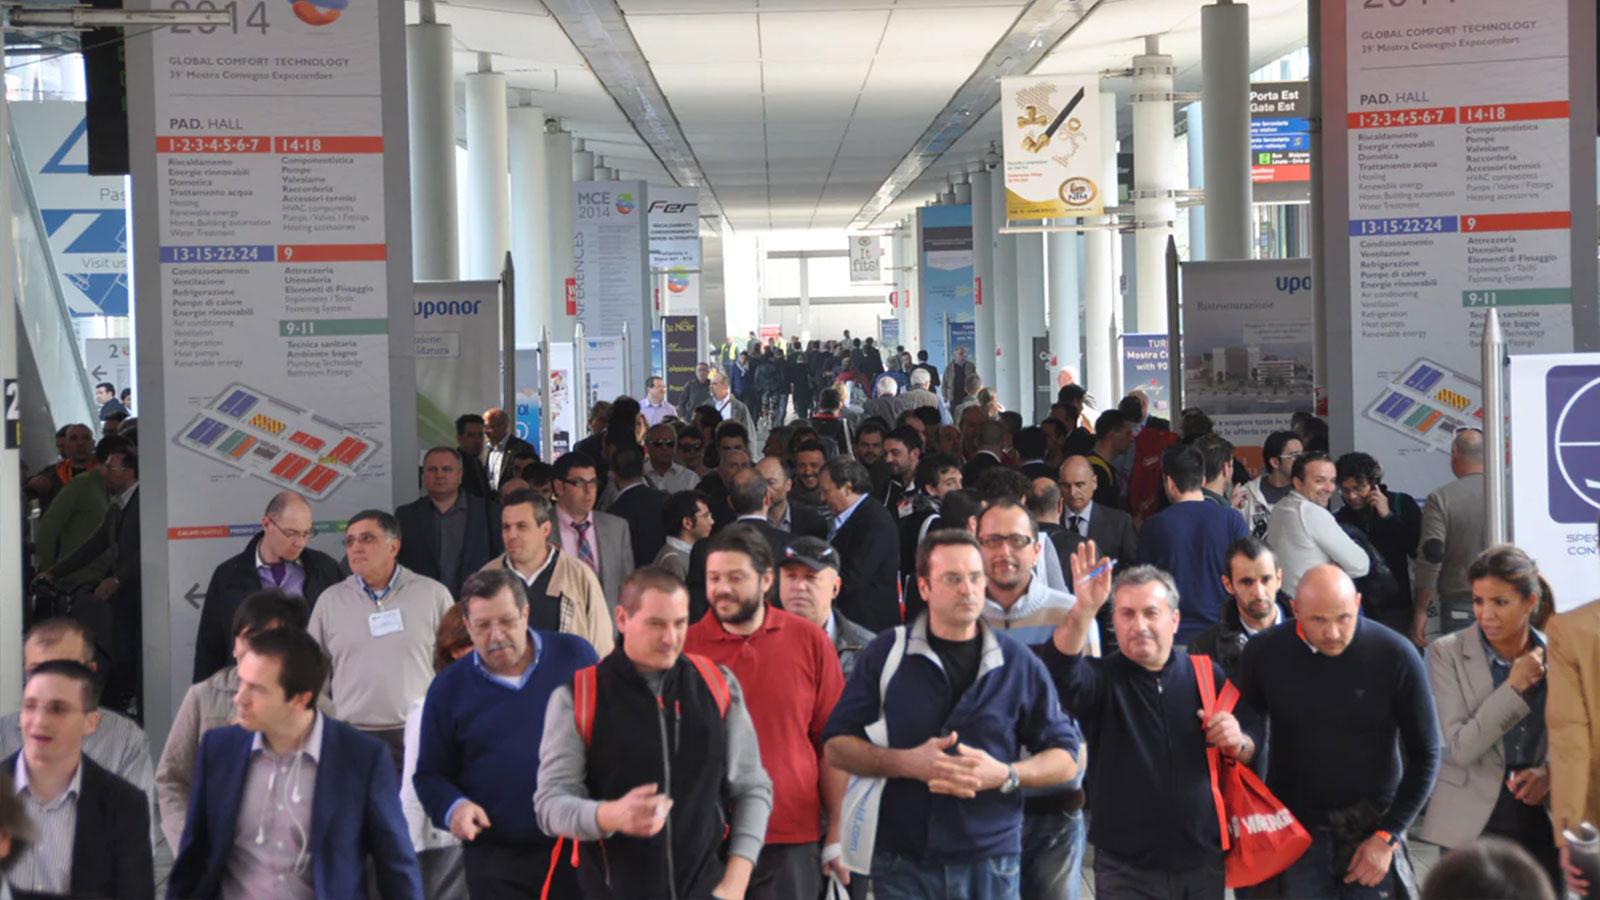 Mostra convegno ExpoComfort Milano - 2016